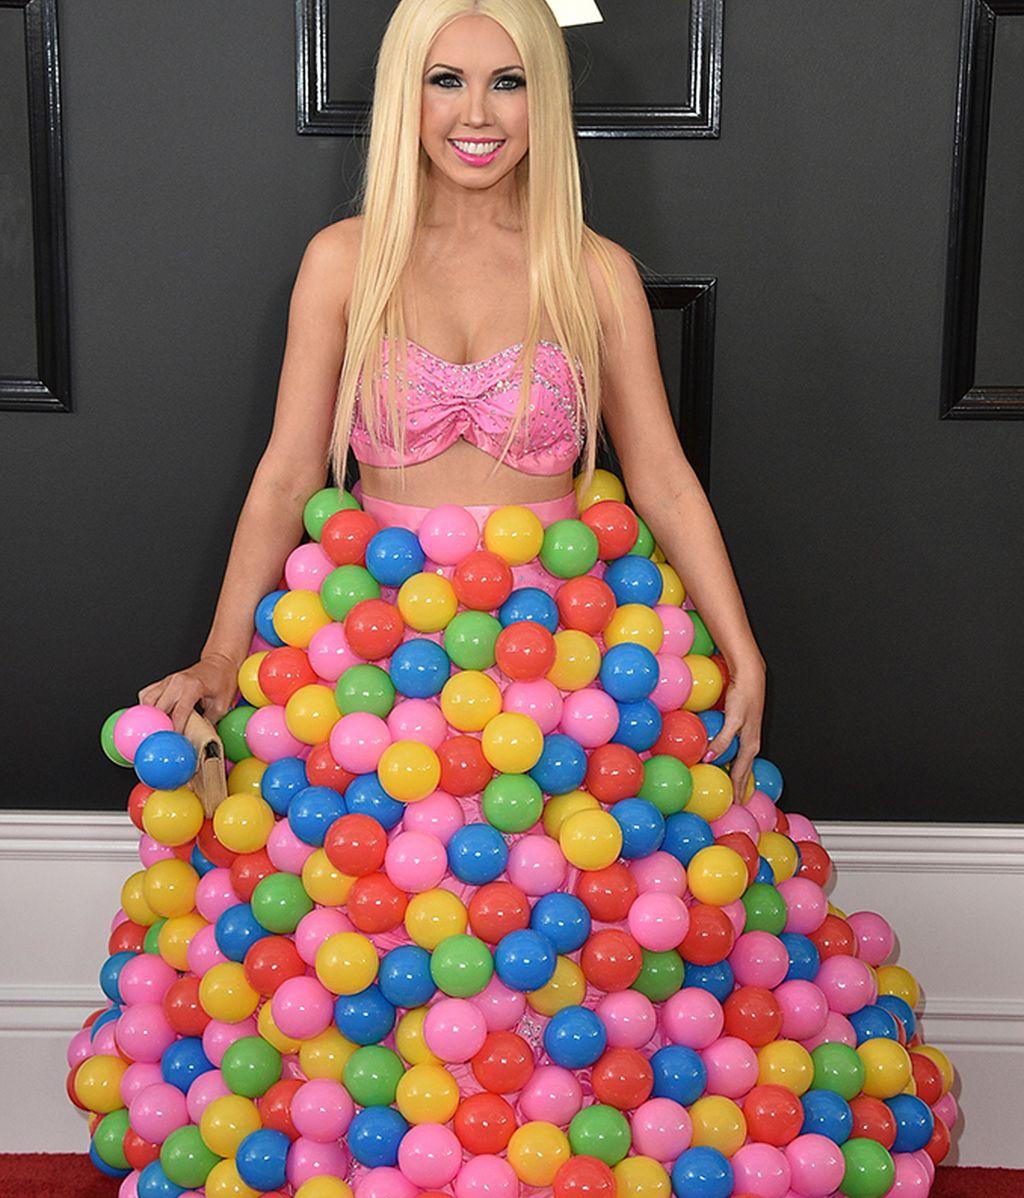 Girl Crush con un vestido de bolas de plástico